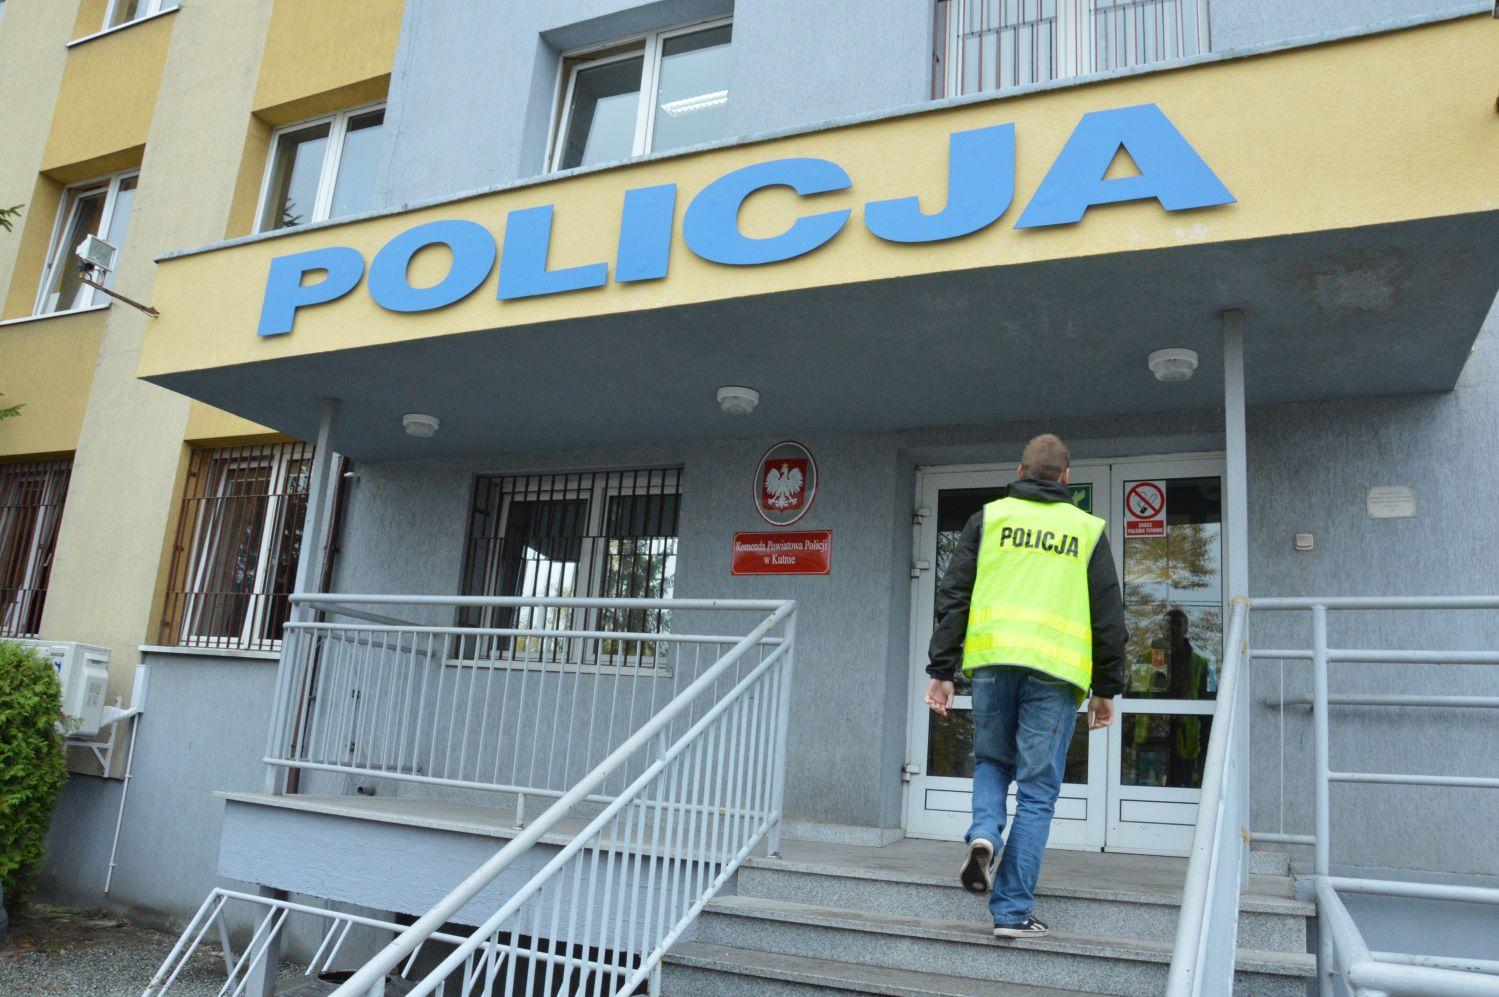 Biuro kutnowskiego posła zawiadomiło policję. O co chodzi? - Zdjęcie główne